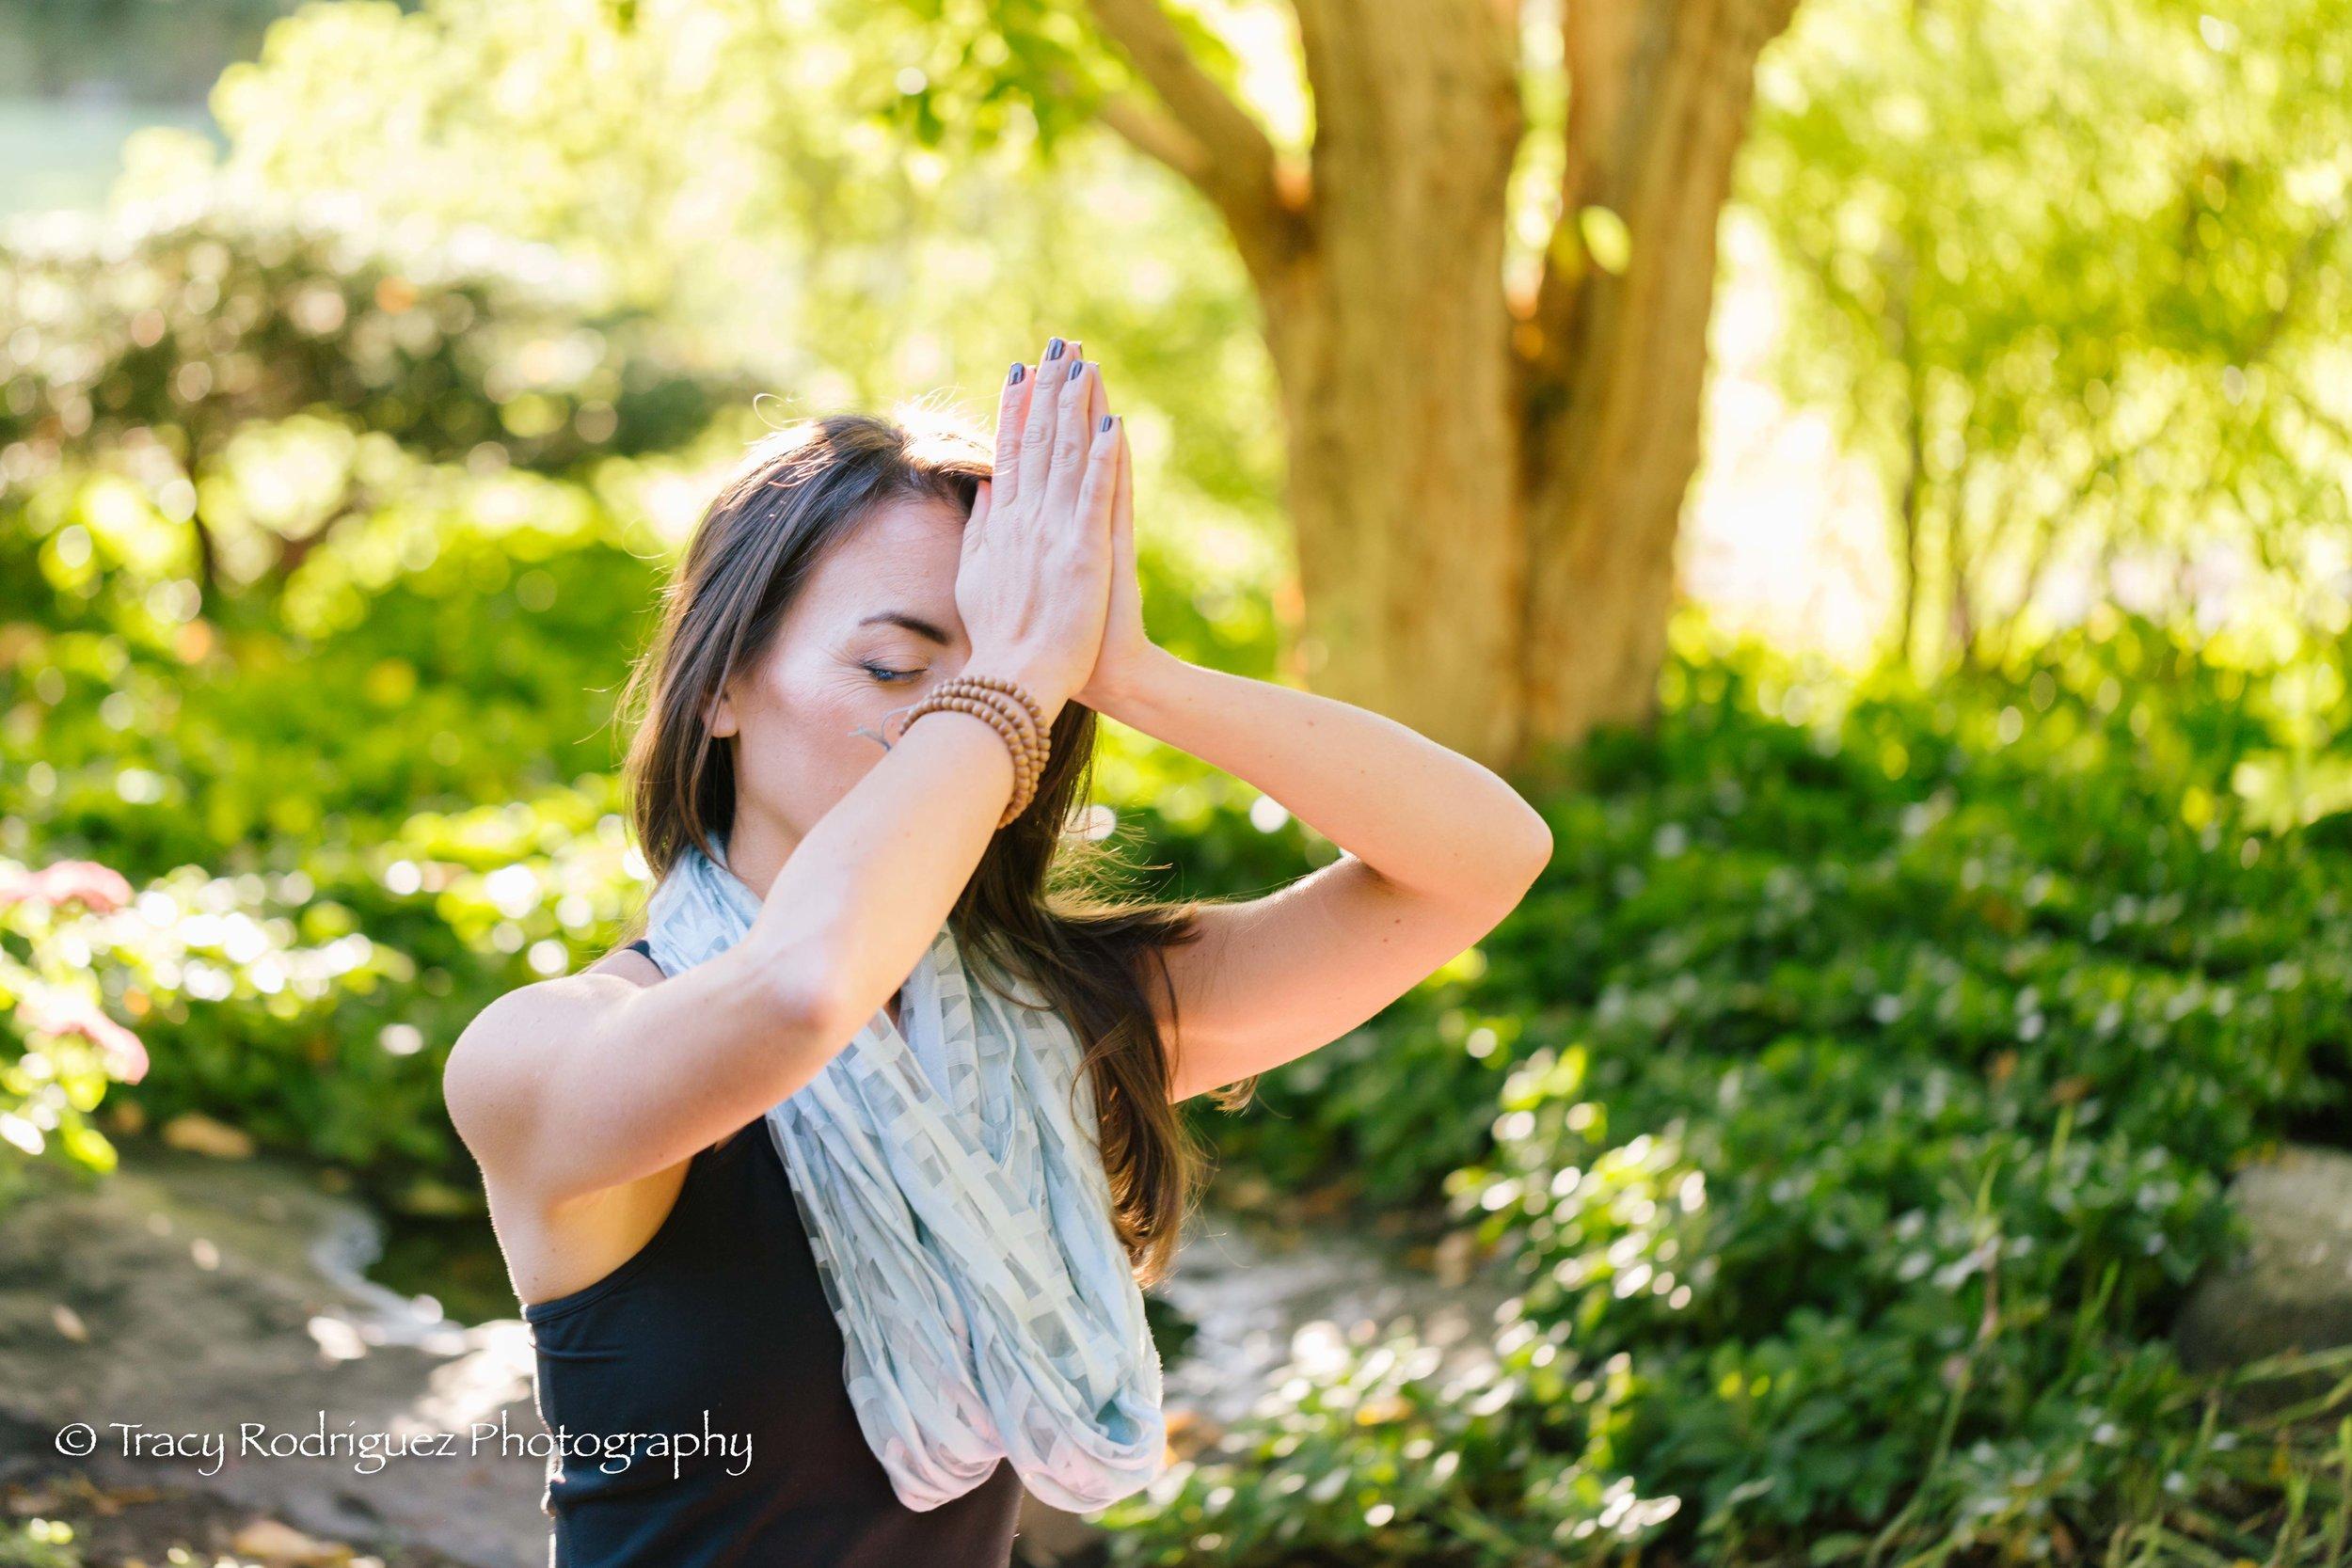 boston-yoga-photographer-11.jpg